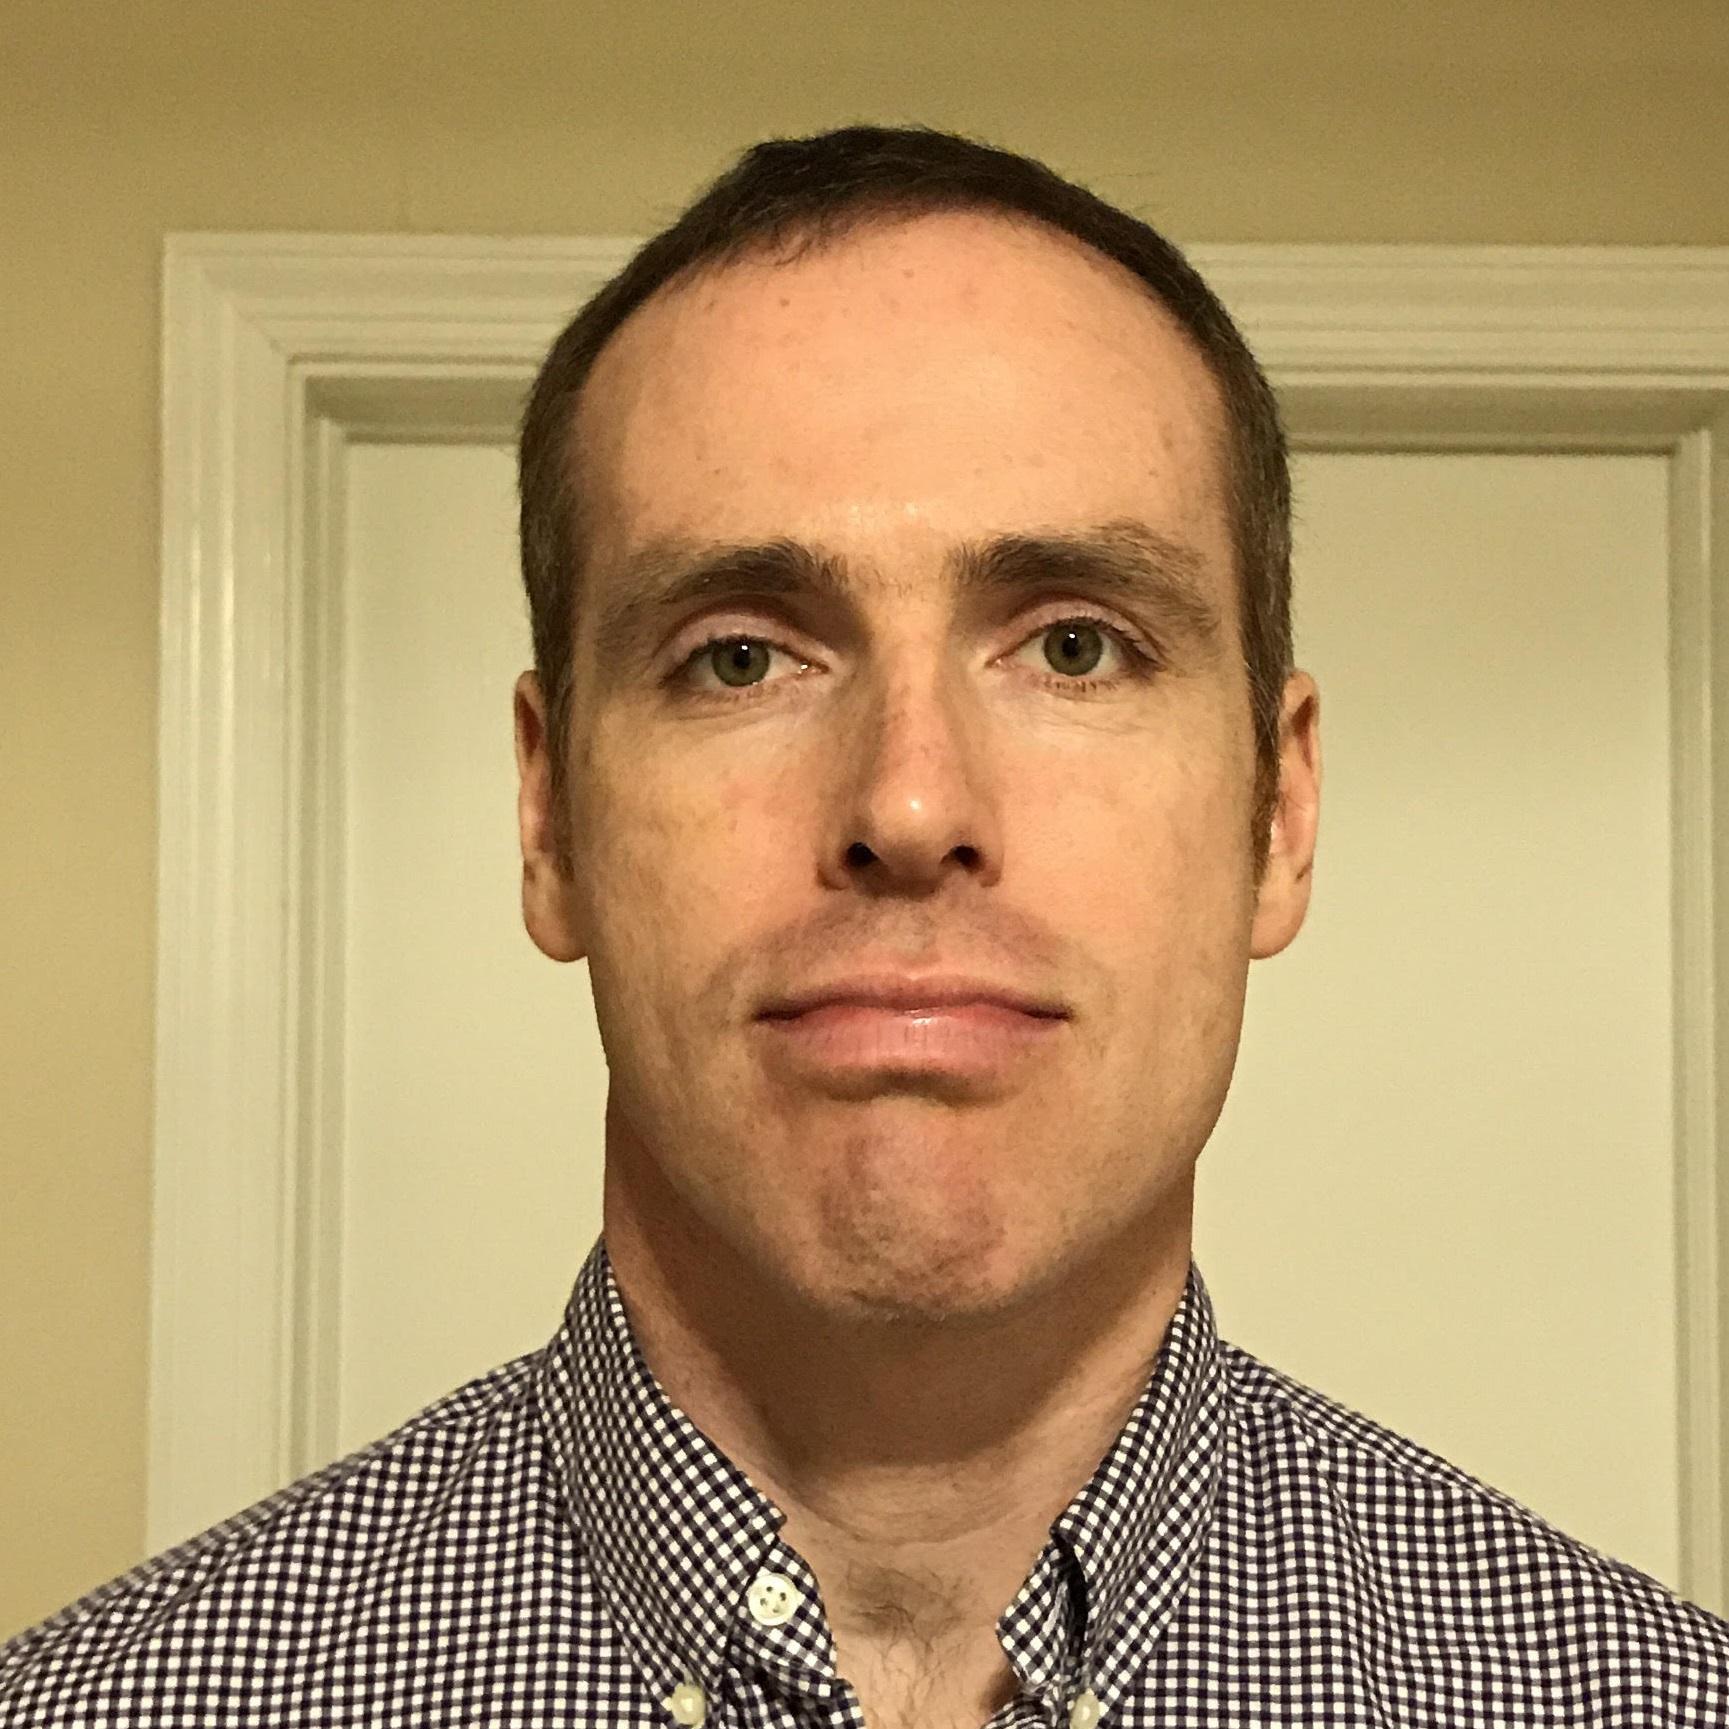 Multidirectional facial hair